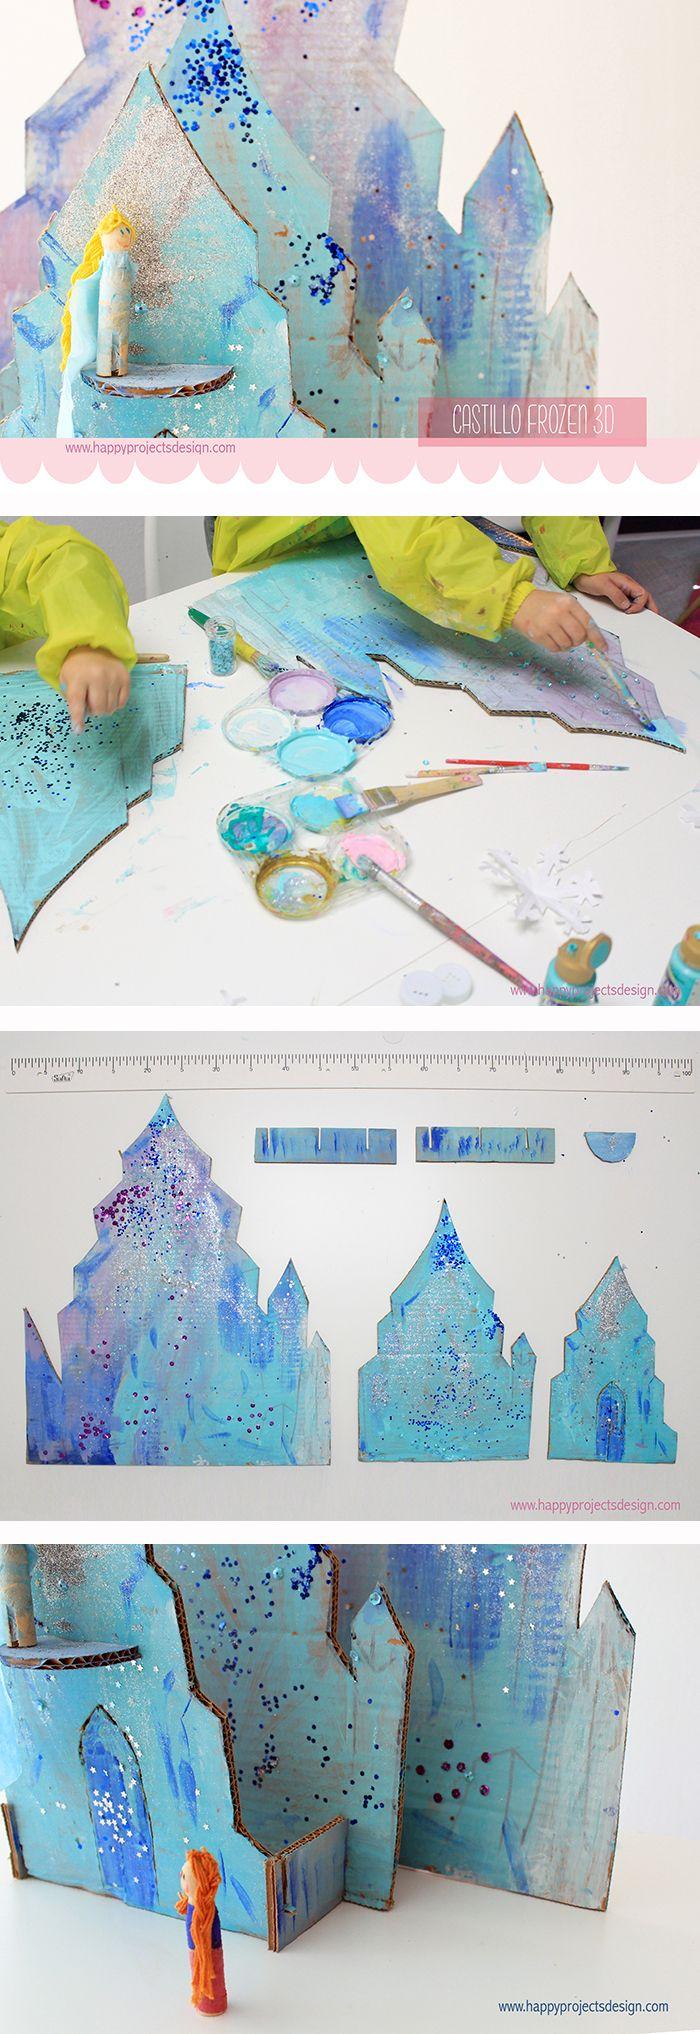 paso a paso para construir el castillo de hielo de Elsa #frozen.  #creakids…